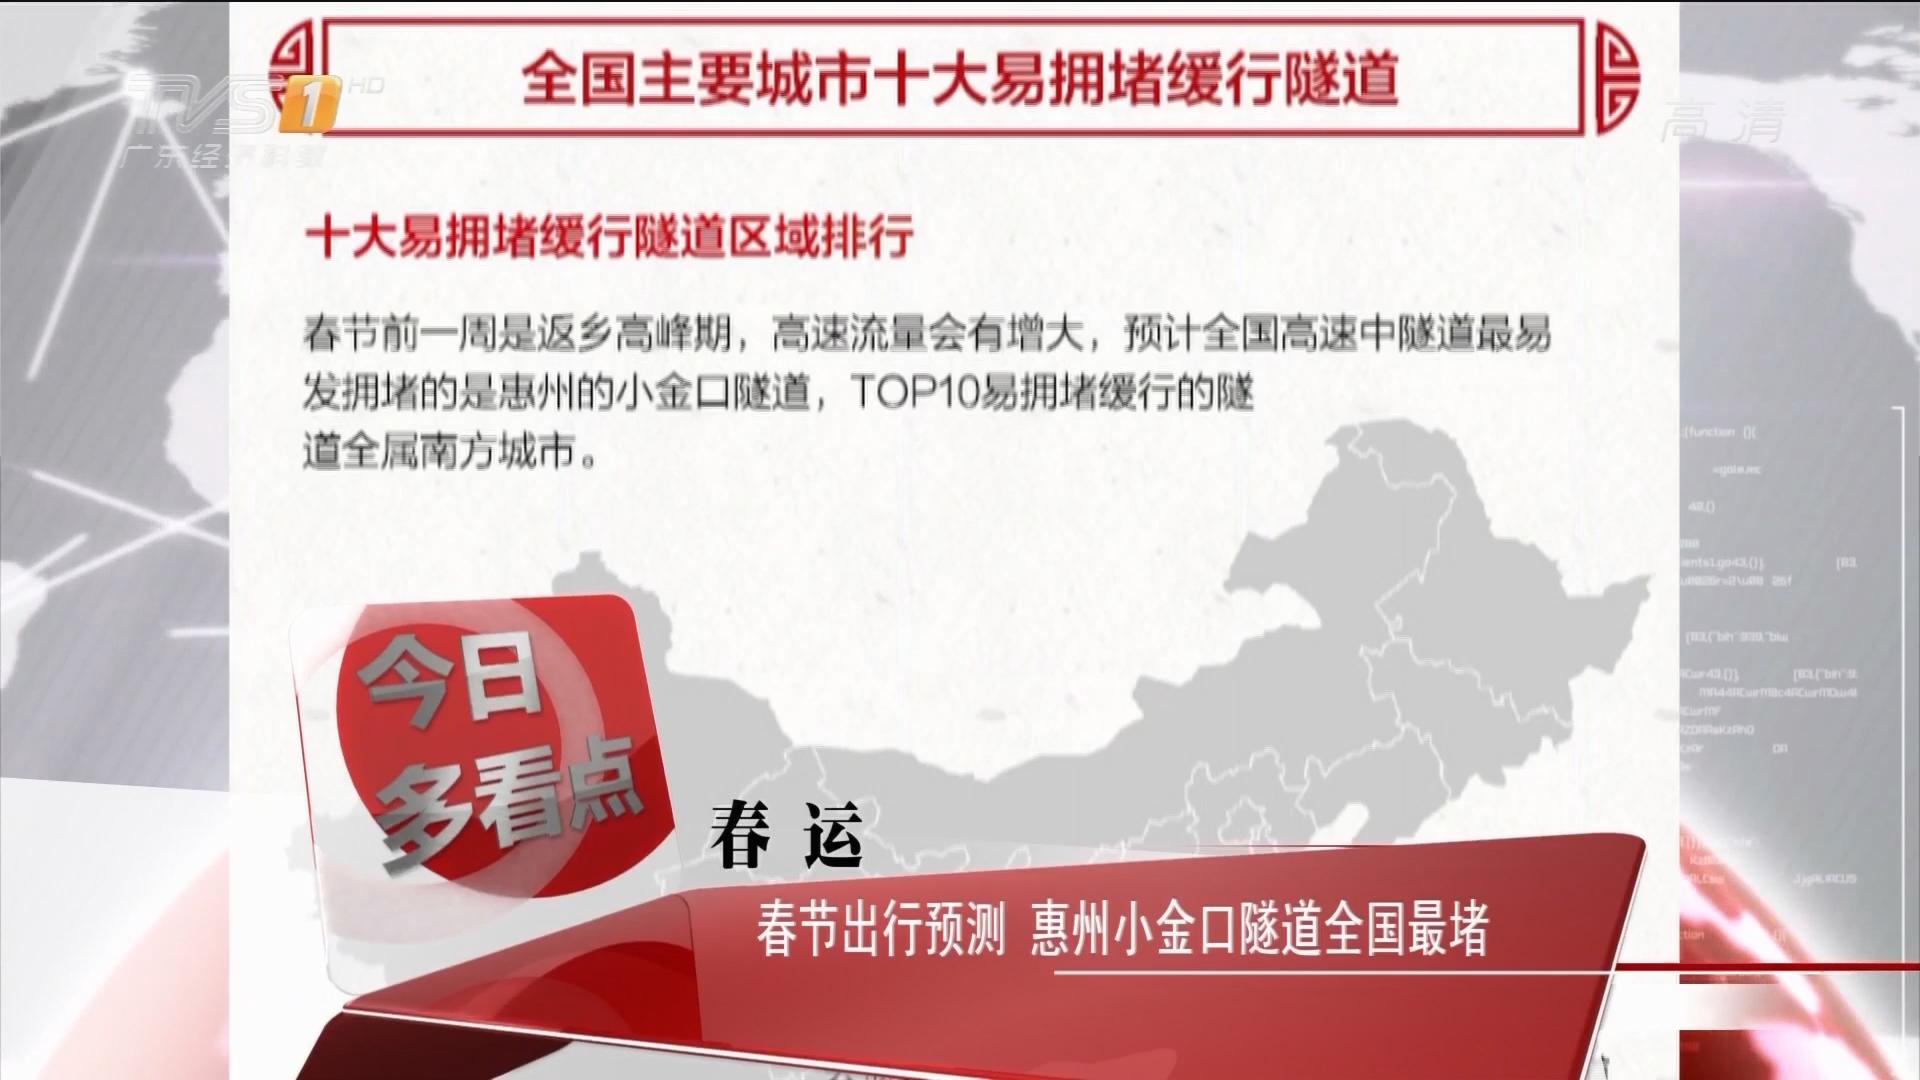 春运:春节出行预测 惠州小金口隧道全国最堵